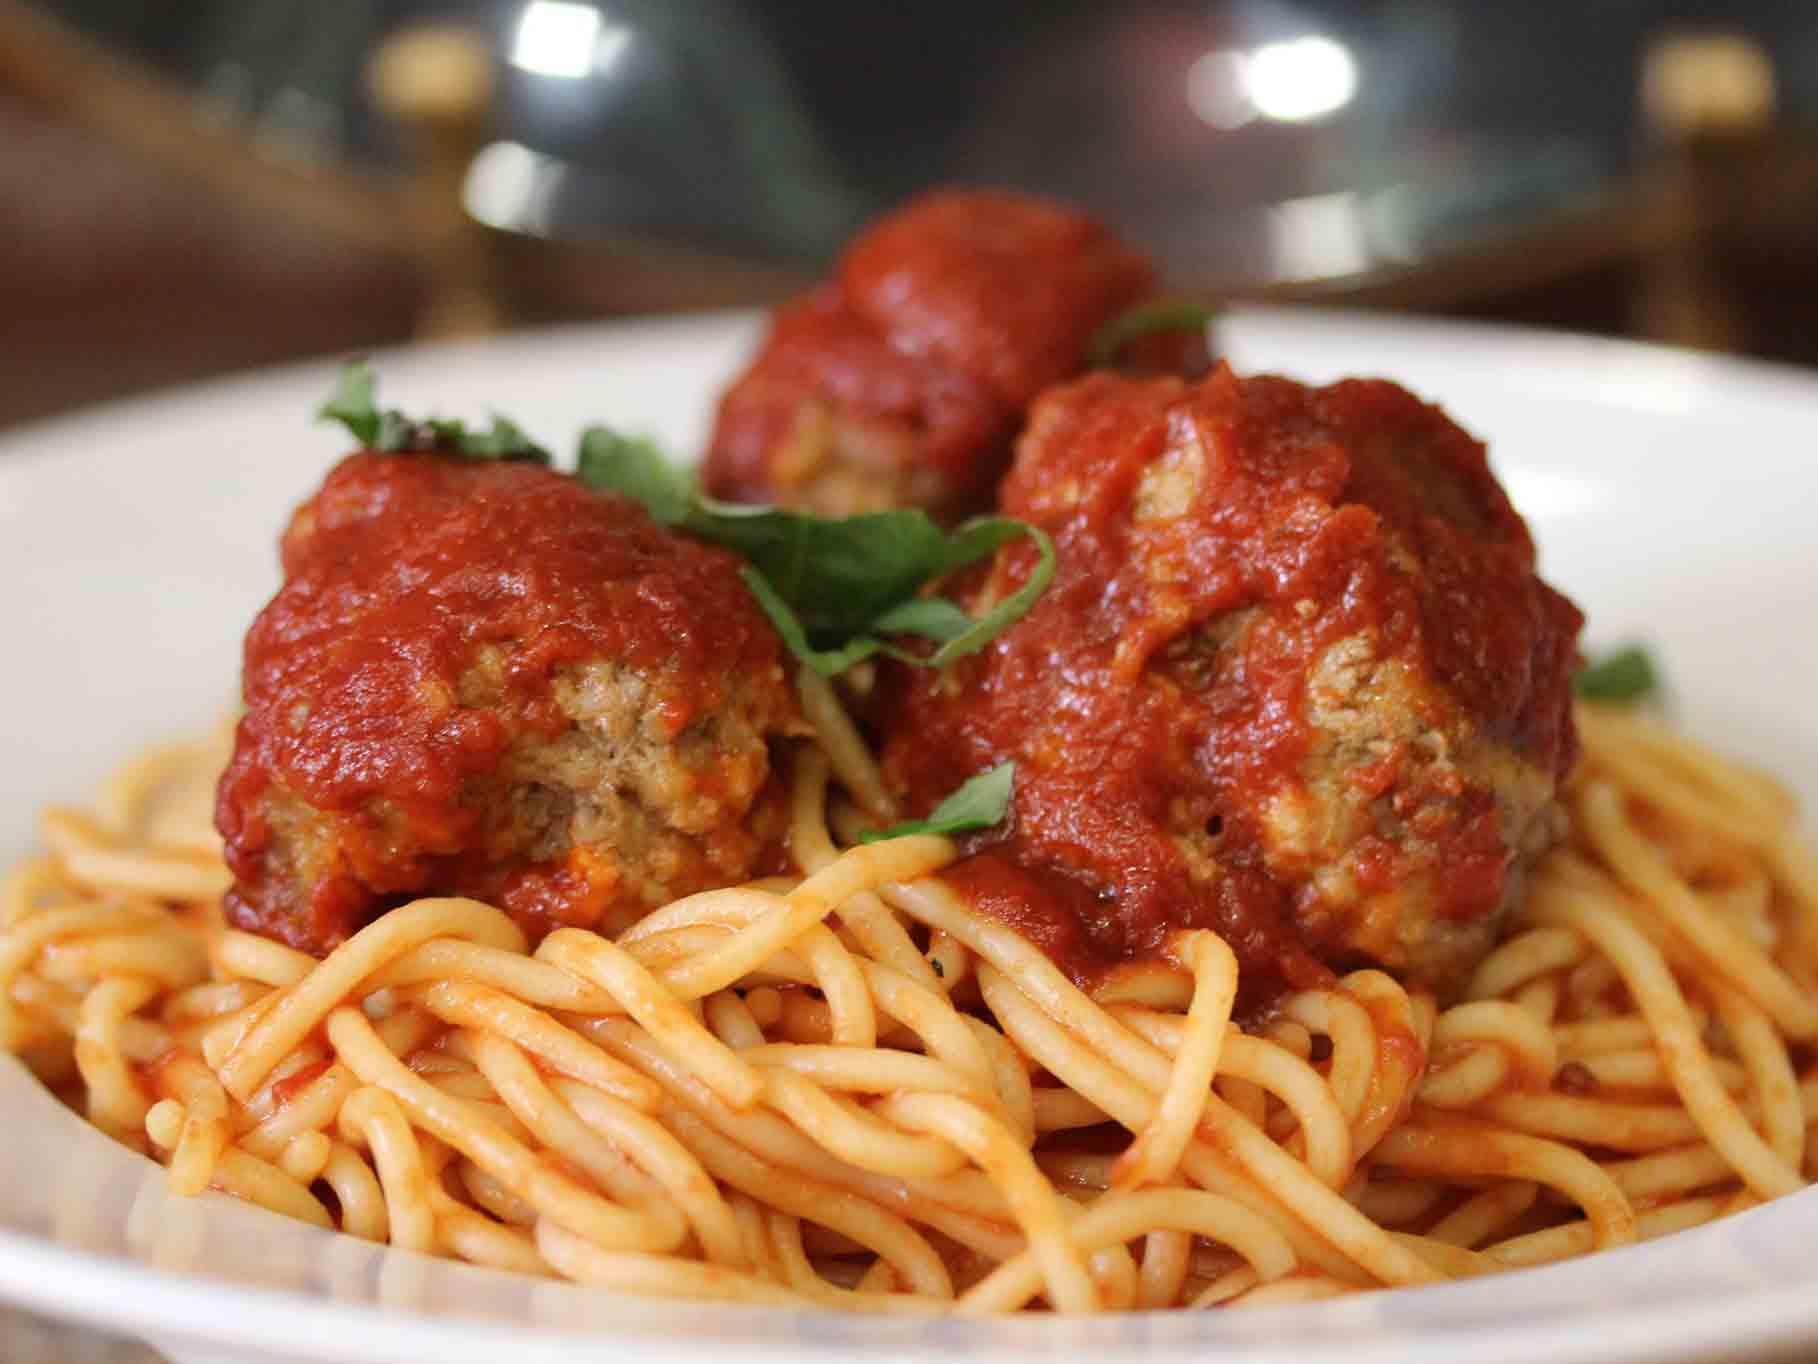 Spaghetti at Betty's Spaghetti in Guerneville, Sonoma County, California